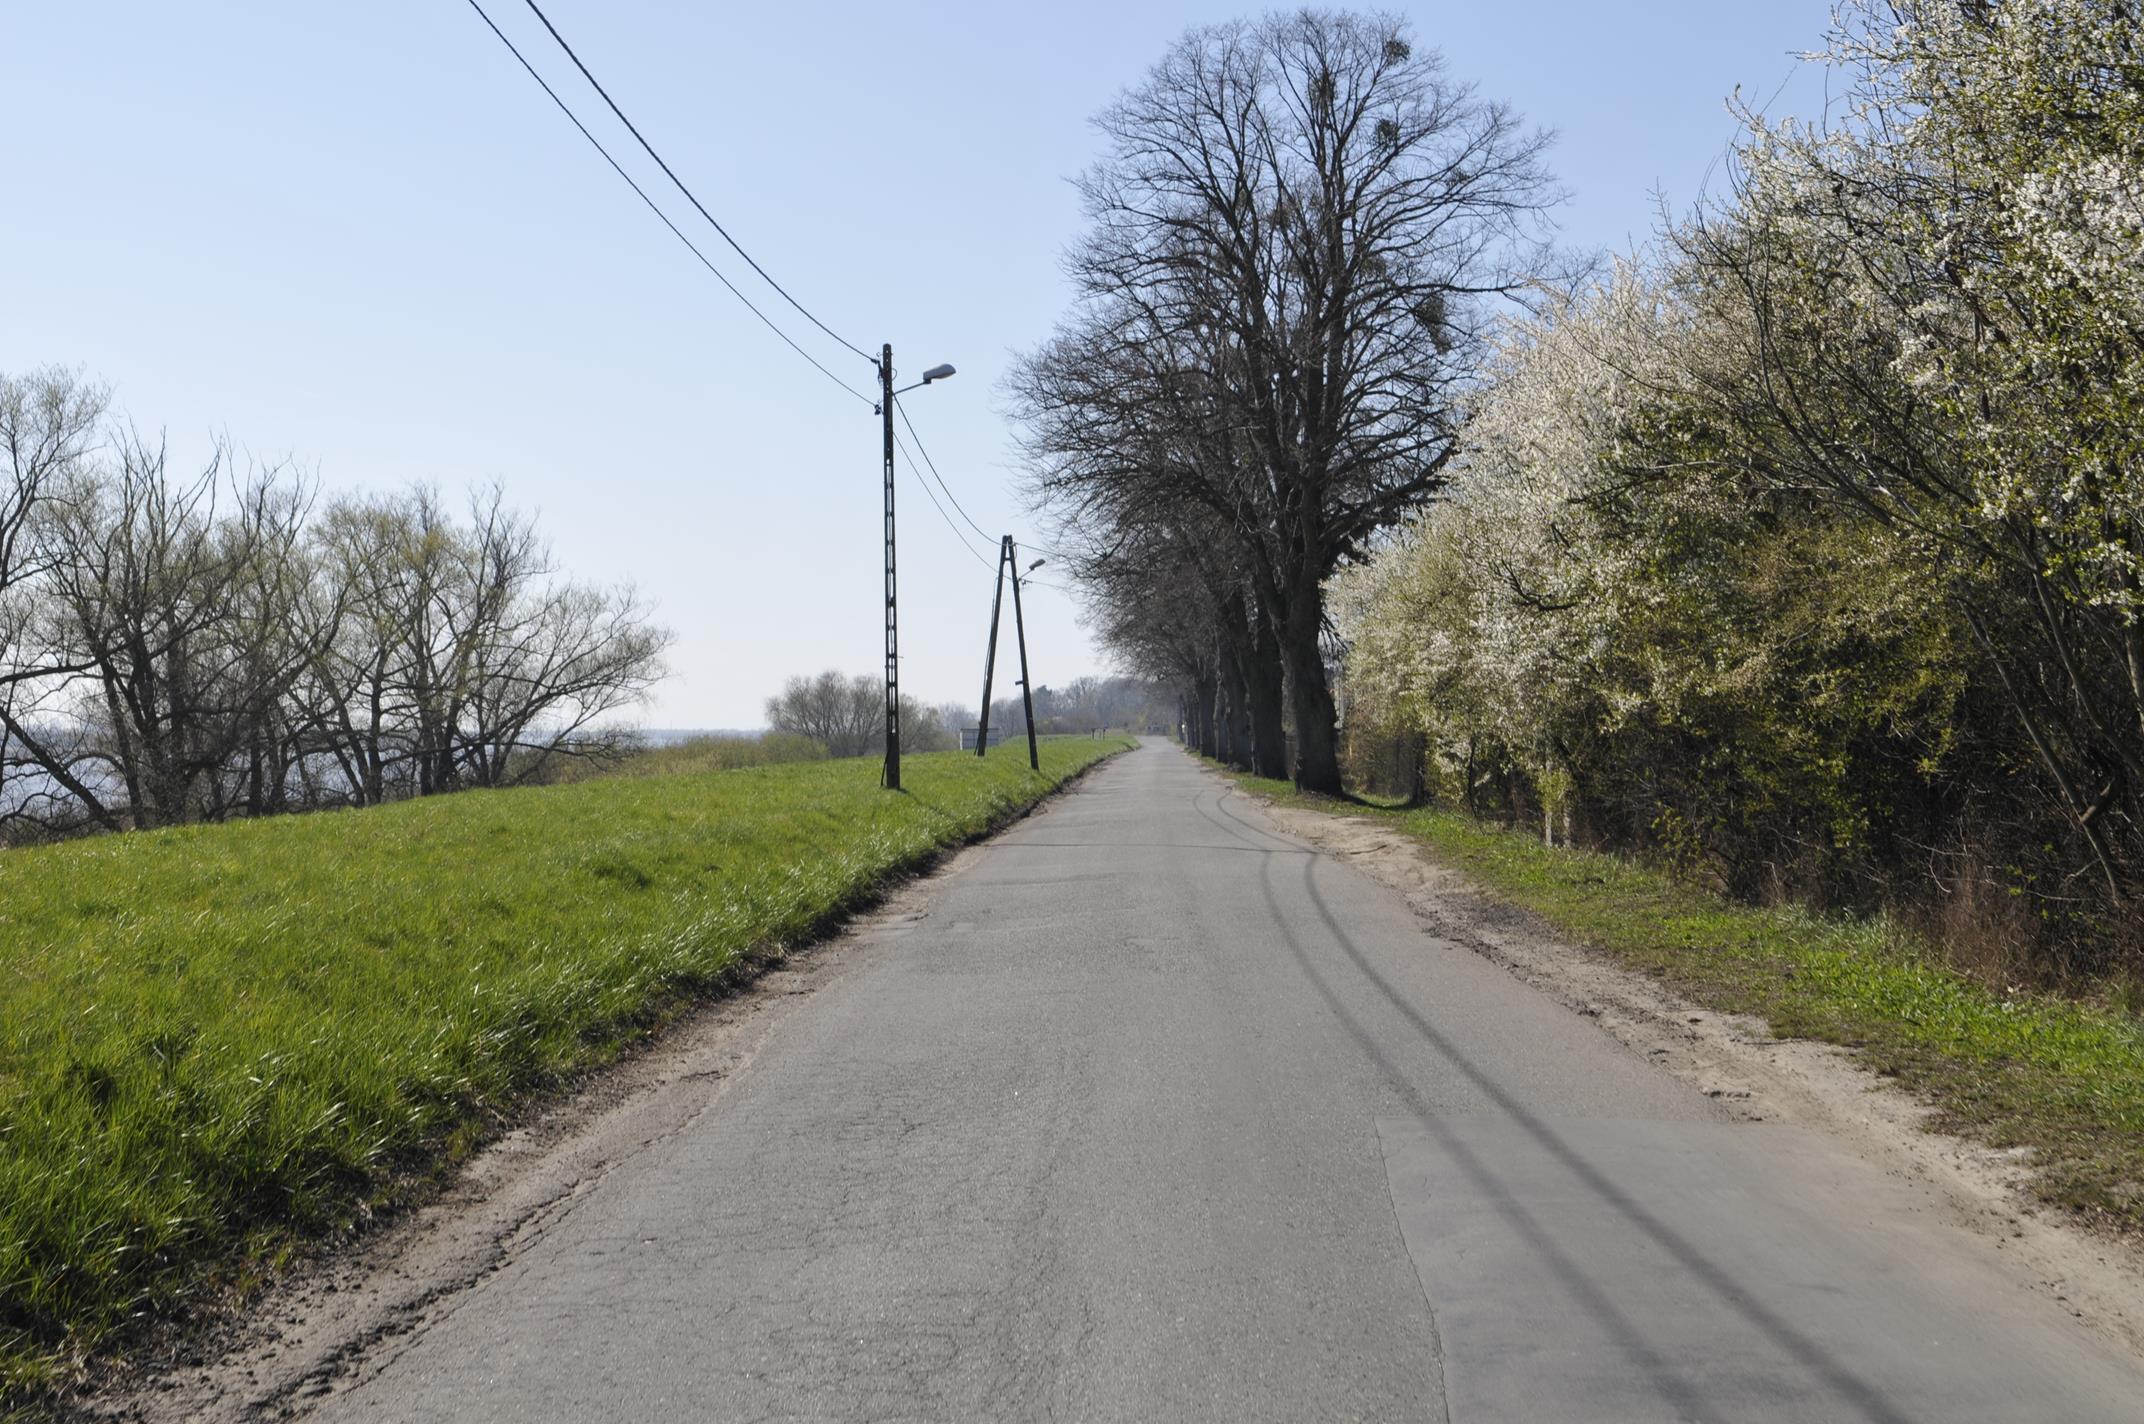 Gdańsk przygotowuje się do budowy trasy EuroVelo 9 / WTR : Świbno – Błotnik